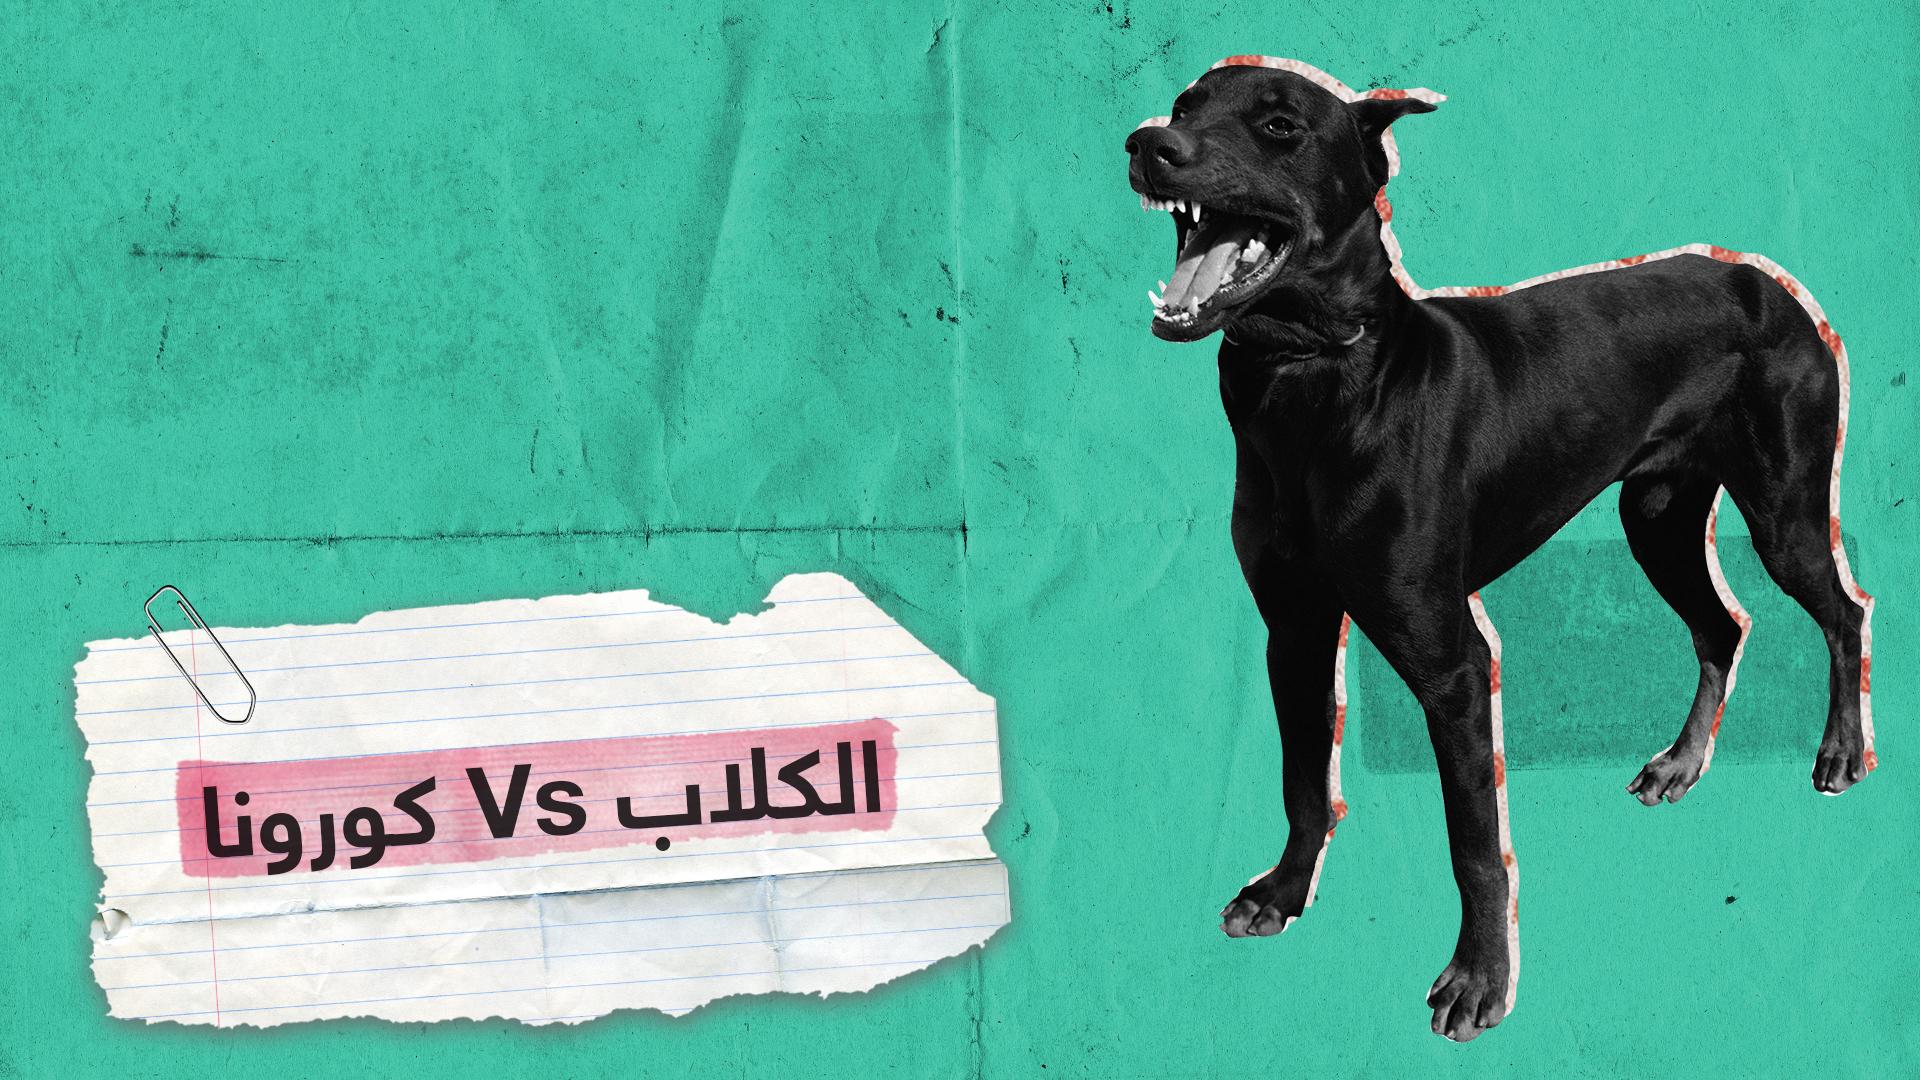 الكشف عن كورونا بمساعدة الكلاب البوليسية في الإمارات